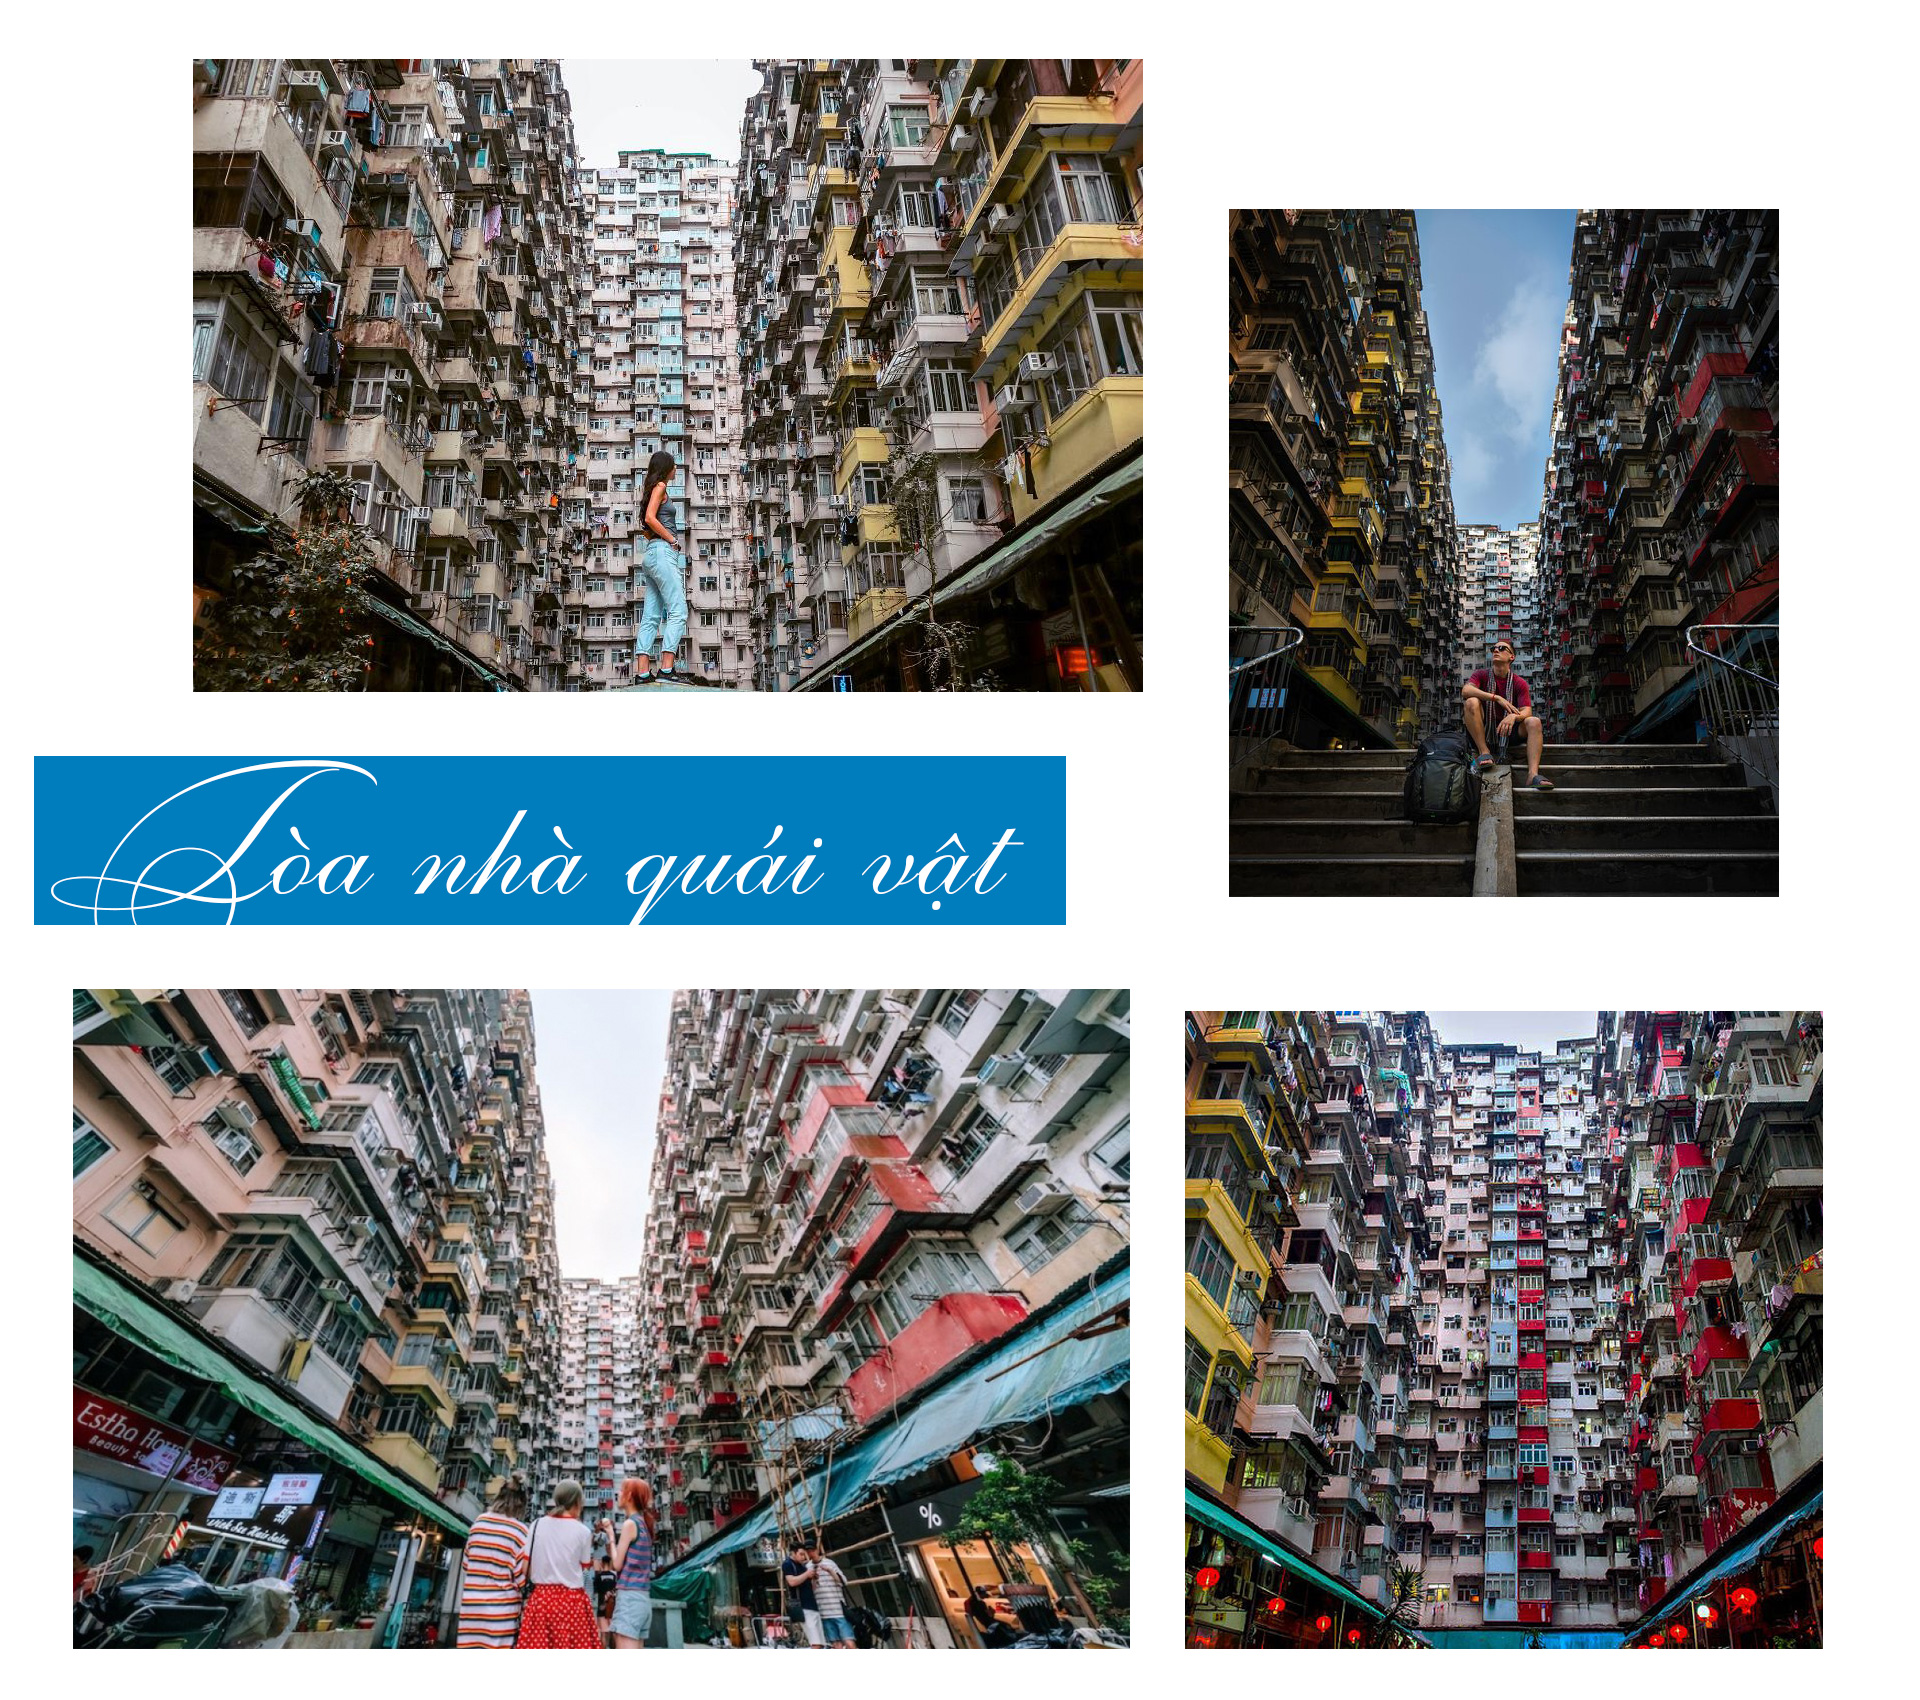 Khám phá Hồng Kông với những điểm đến ấn tượng nhất - 4